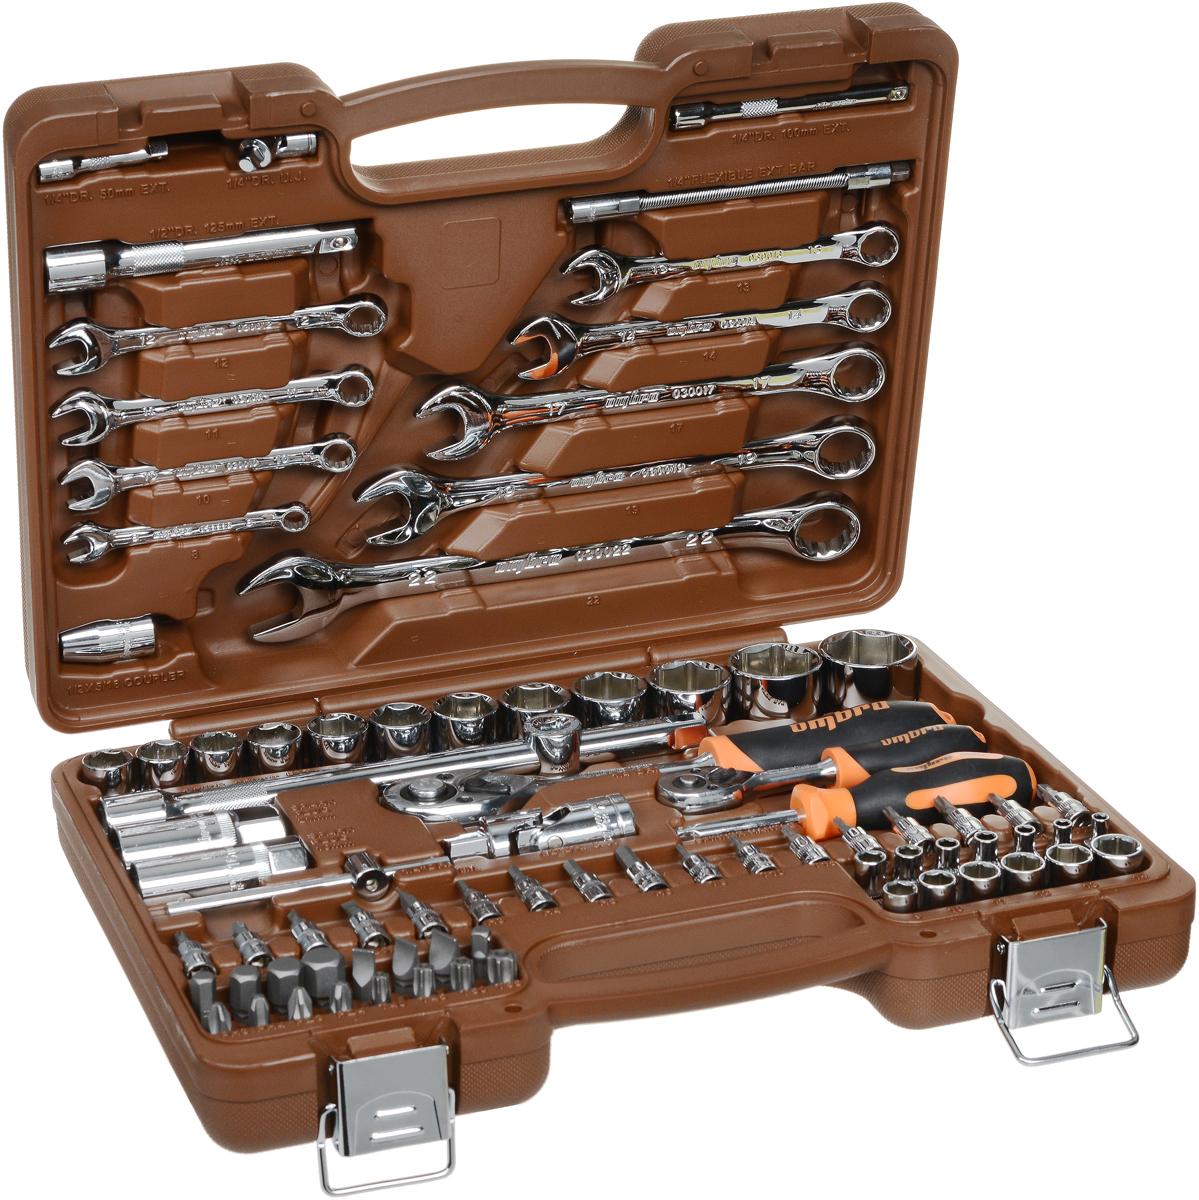 Набор инструментов Ombra, 82 предмета. OMT82SOMT82SНабор инструментов Ombra состоит из 82 предметов и предназначен для монтажа/демонтажа резьбовых соединений. Предметы наборавыполнены из высококачественной стали. Инструменты соответствуют высоким стандартам качества, поэтому подойдут как для использованияна бытовом уровне, так и для применения в профессиональной сфере. Состав набора: 1/4: Головки шестигранные: 4 мм, 4,5 мм, 5 мм, 5,5 мм, 6 мм, 7 мм, 8 мм, 9 мм, 10 мм, 11 мм, 12 мм, 13 мм, 14 мм. Головки со вставками: H3, H4, H5, H6, T8, T10, T15, T20, T25, T30, SL4, SL5,5, SL7, PH1, PH2, PZ1, PZ2. Трещотка с быстрым сбросом. Т-образный вороток. Удлинители: 50 мм, 100 мм. Карданный шарнир. Гибкий удлинитель. Отверточная рукоятка. Адаптер для бит. 1/2: Шестигранные головки: 14 мм, 15 мм, 16 мм, 17 мм, 18 мм, 19 мм, 21 мм, 22 мм, 24 мм, 27 мм, 30 мм, 32 мм. Биты 5/16, 30 мм: H8, H10, H12, H14, T40, T45, T50, T55, SL8, SL10, SL12, PH3, PH4, PZ3, PZ4. Карданный шарнир. Удлинители: 125 мм, 250 мм. Трещоточная с быстрым сбросом. Головки свечные: 16 мм, 21 мм. Держатель для бит: 1/2DR x 5/16. Адаптер трехсторонний. Комбинированные ключи: 8 мм, 10 мм, 11 мм, 12 мм, 13 мм, 14 мм, 17 мм, 19 мм, 22 мм.